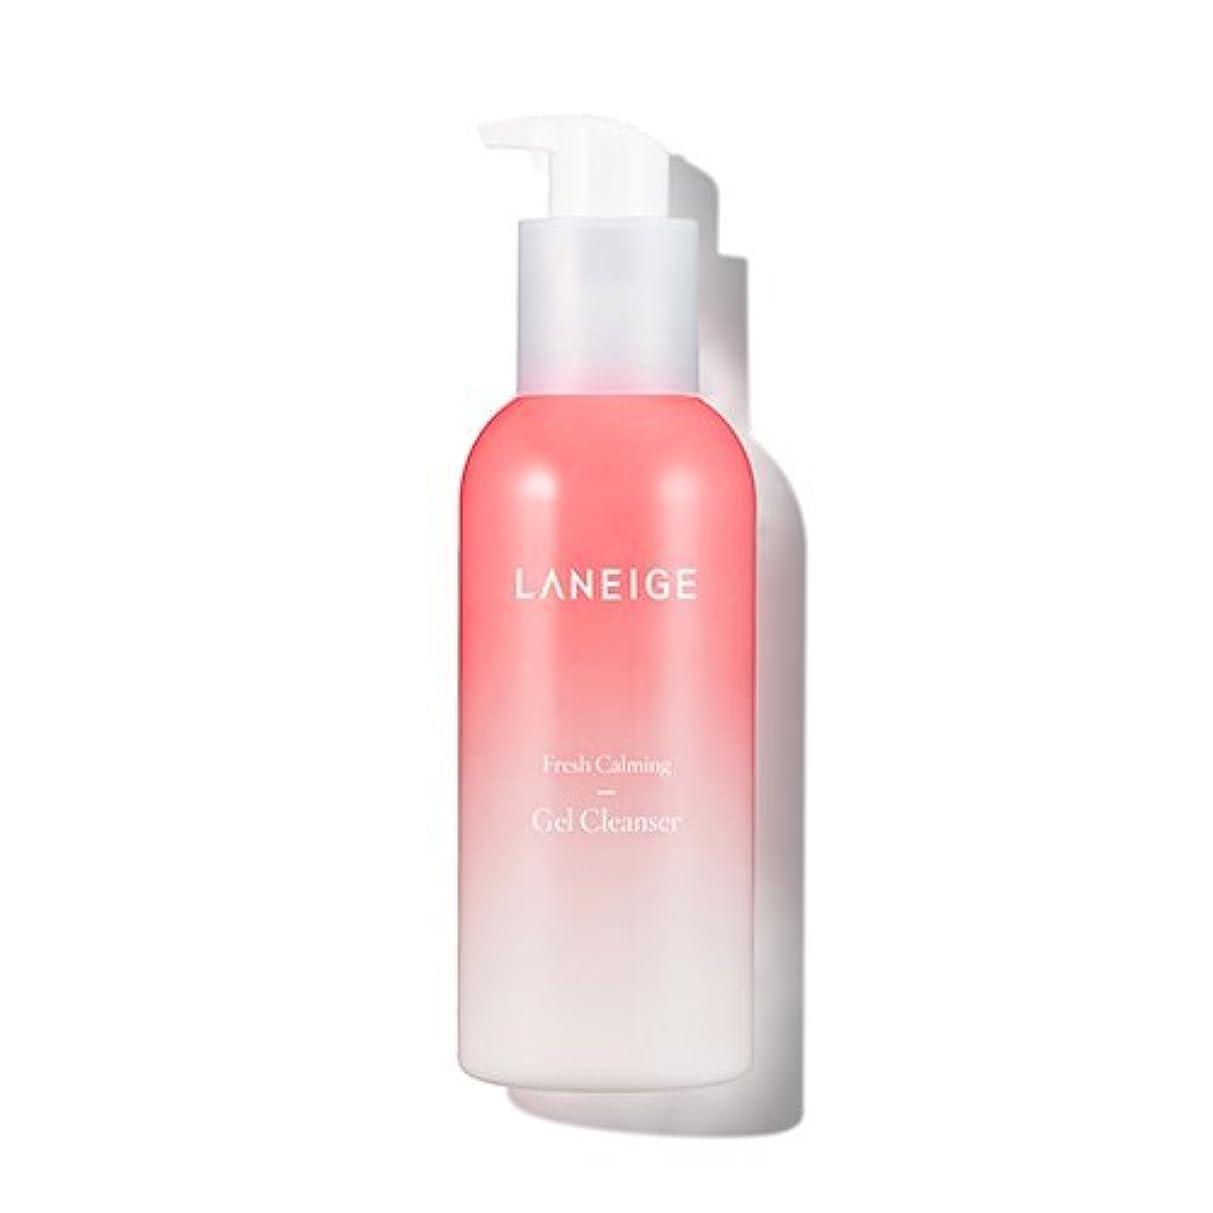 ショート打撃フィッティング[New] LANEIGE Fresh Calming Gel Cleanser 230ml/ラネージュ フレッシュ カーミング ジェル クレンザー 230ml [並行輸入品]